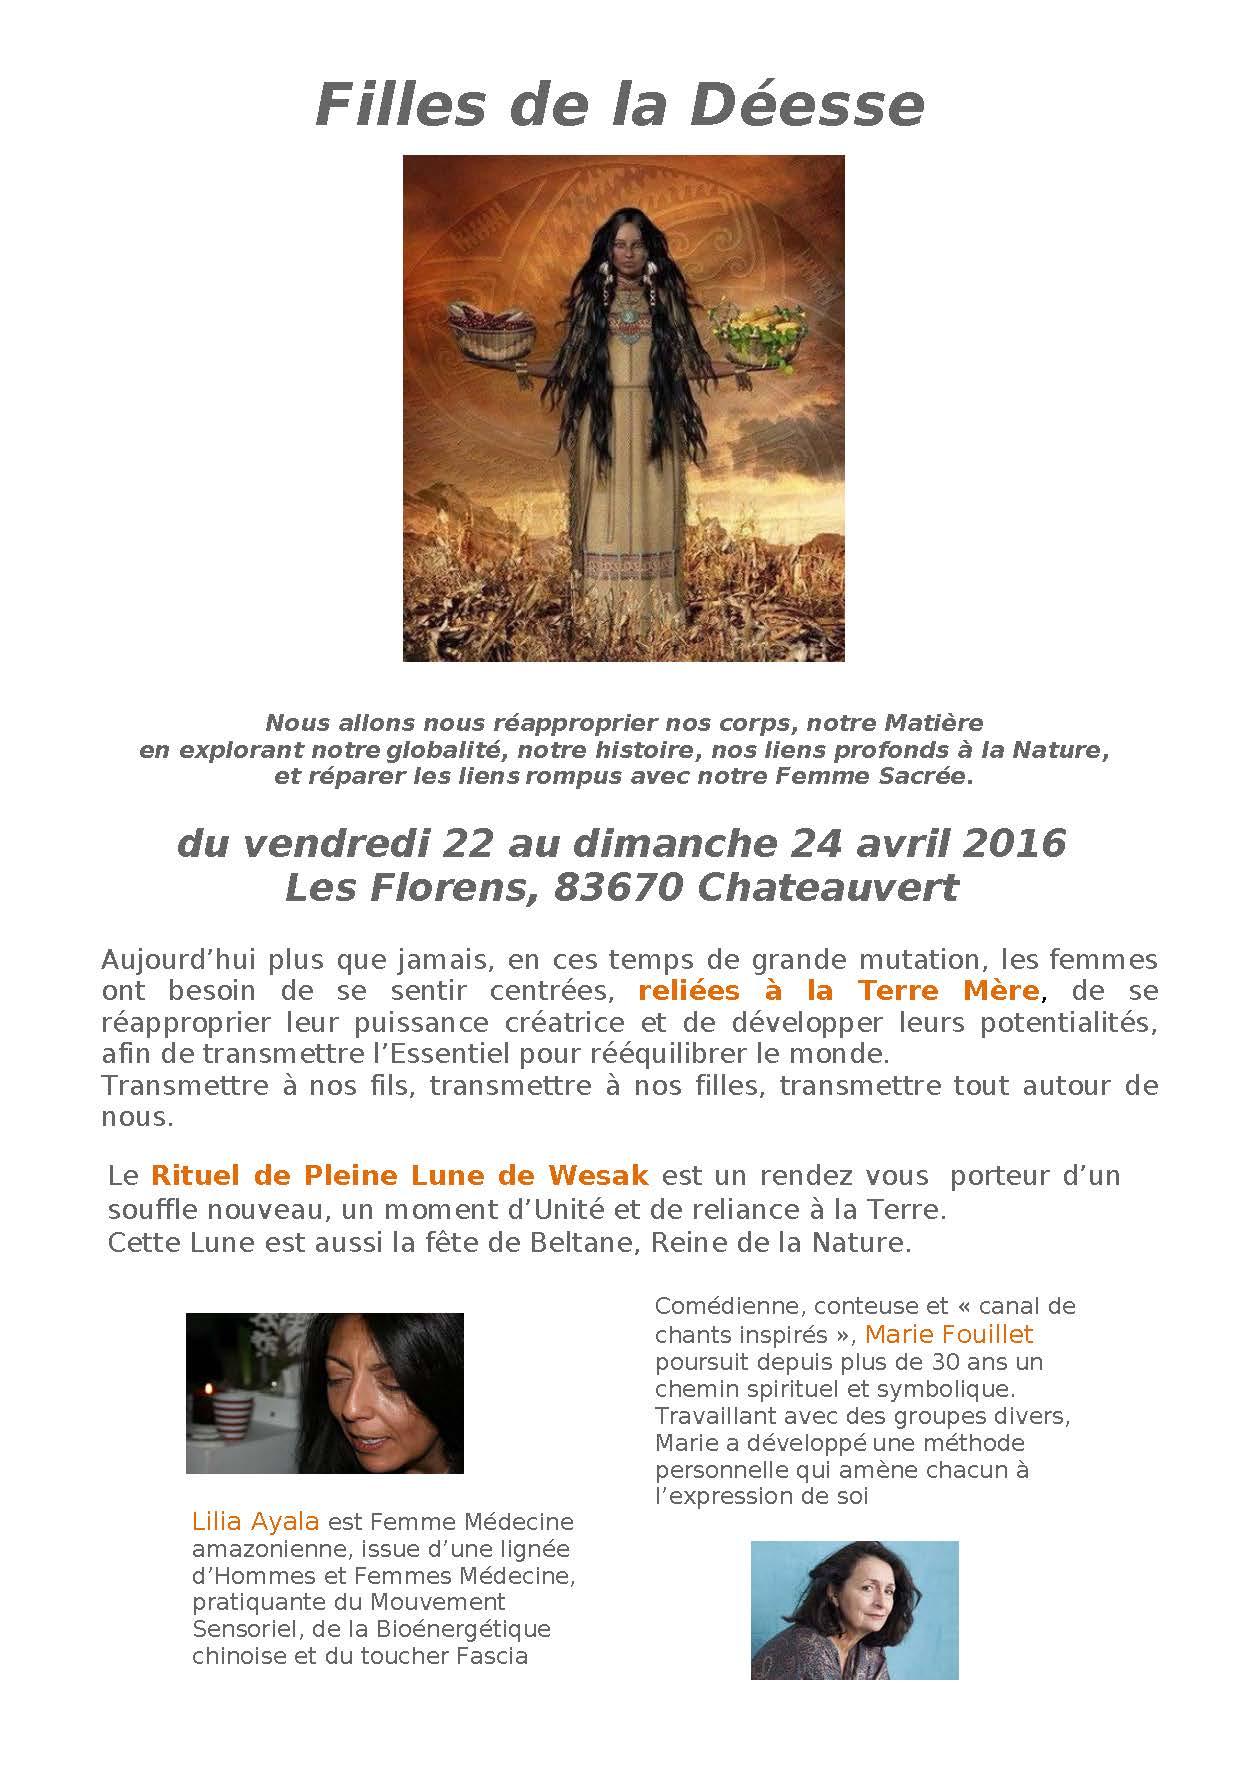 FILLES DE LA DEESSE AVRIL 2016_Page_1